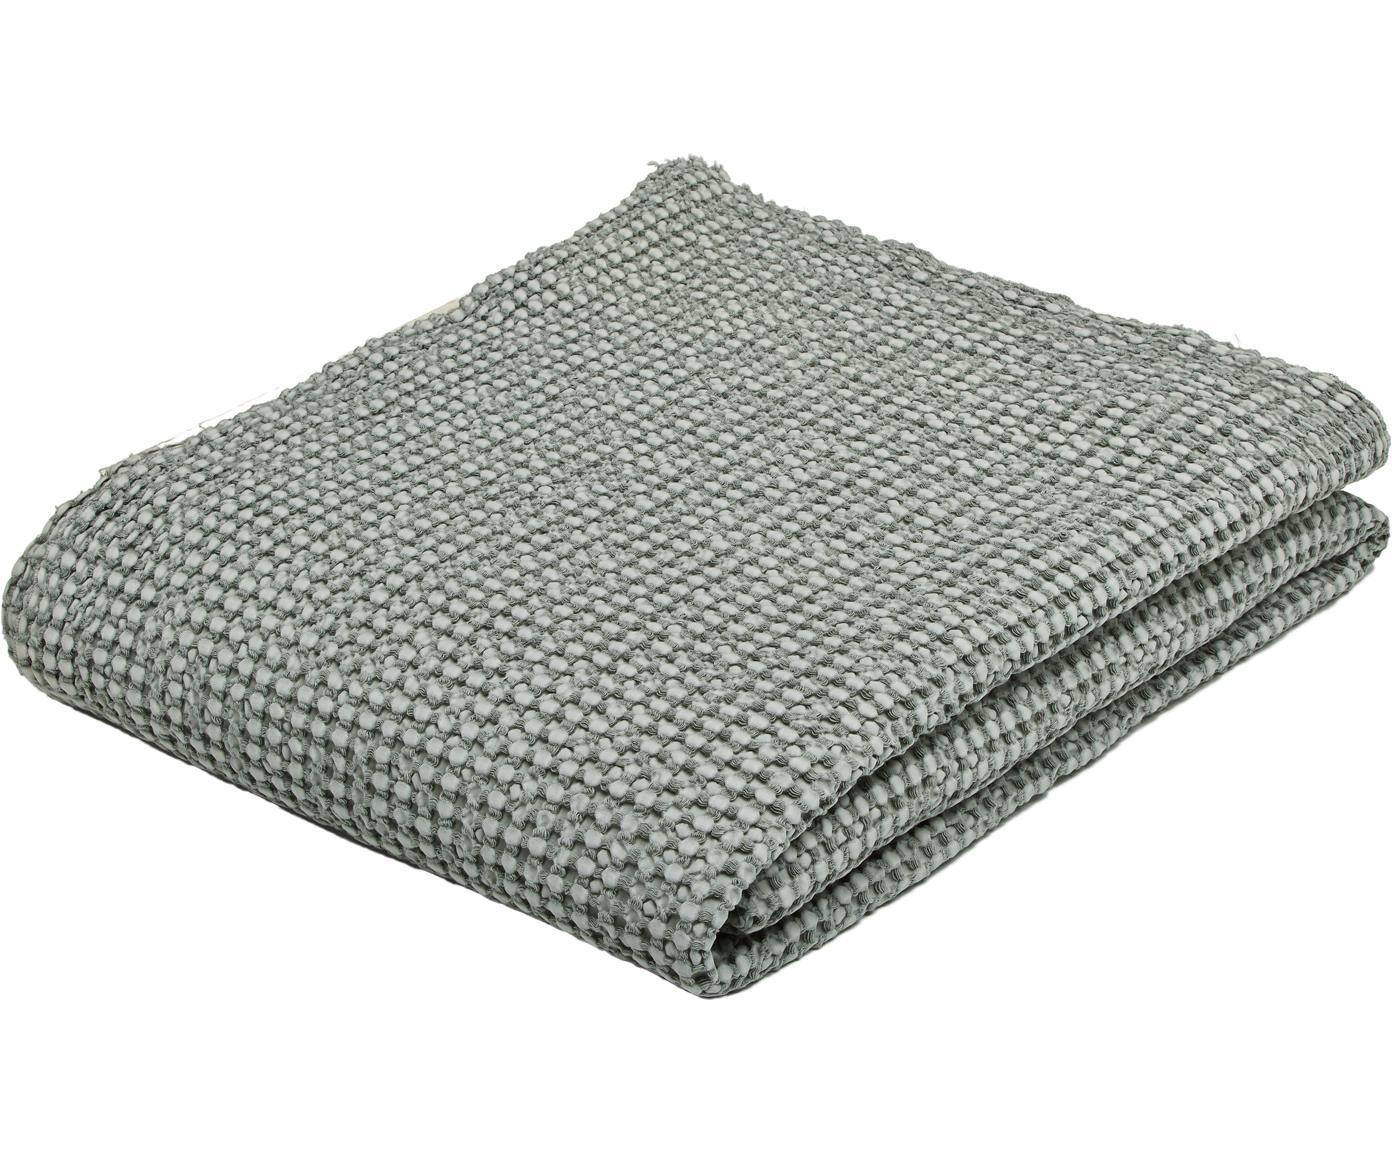 Bedsprei Vigo met gestructureerde oppervlak, Katoen, Flessengroen, 220 x 240 cm